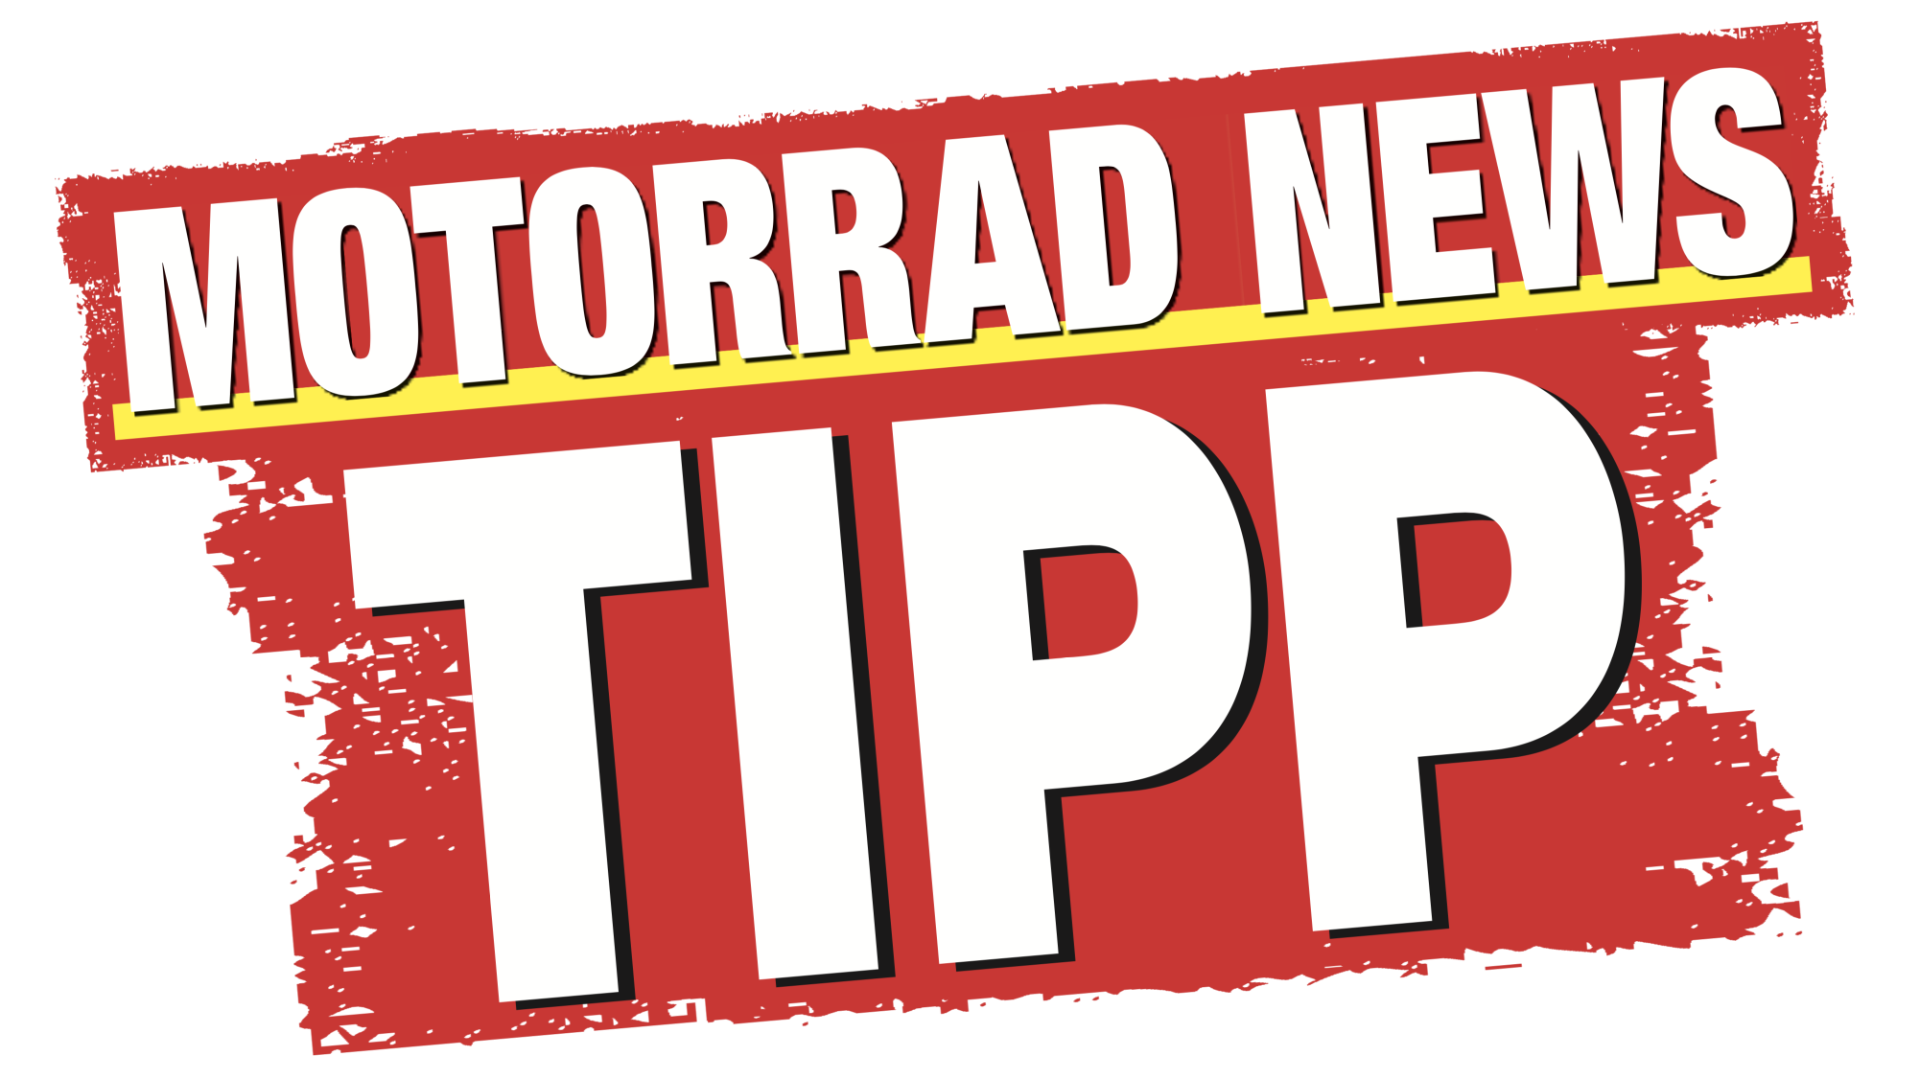 MotorradNews_MN_Tipp